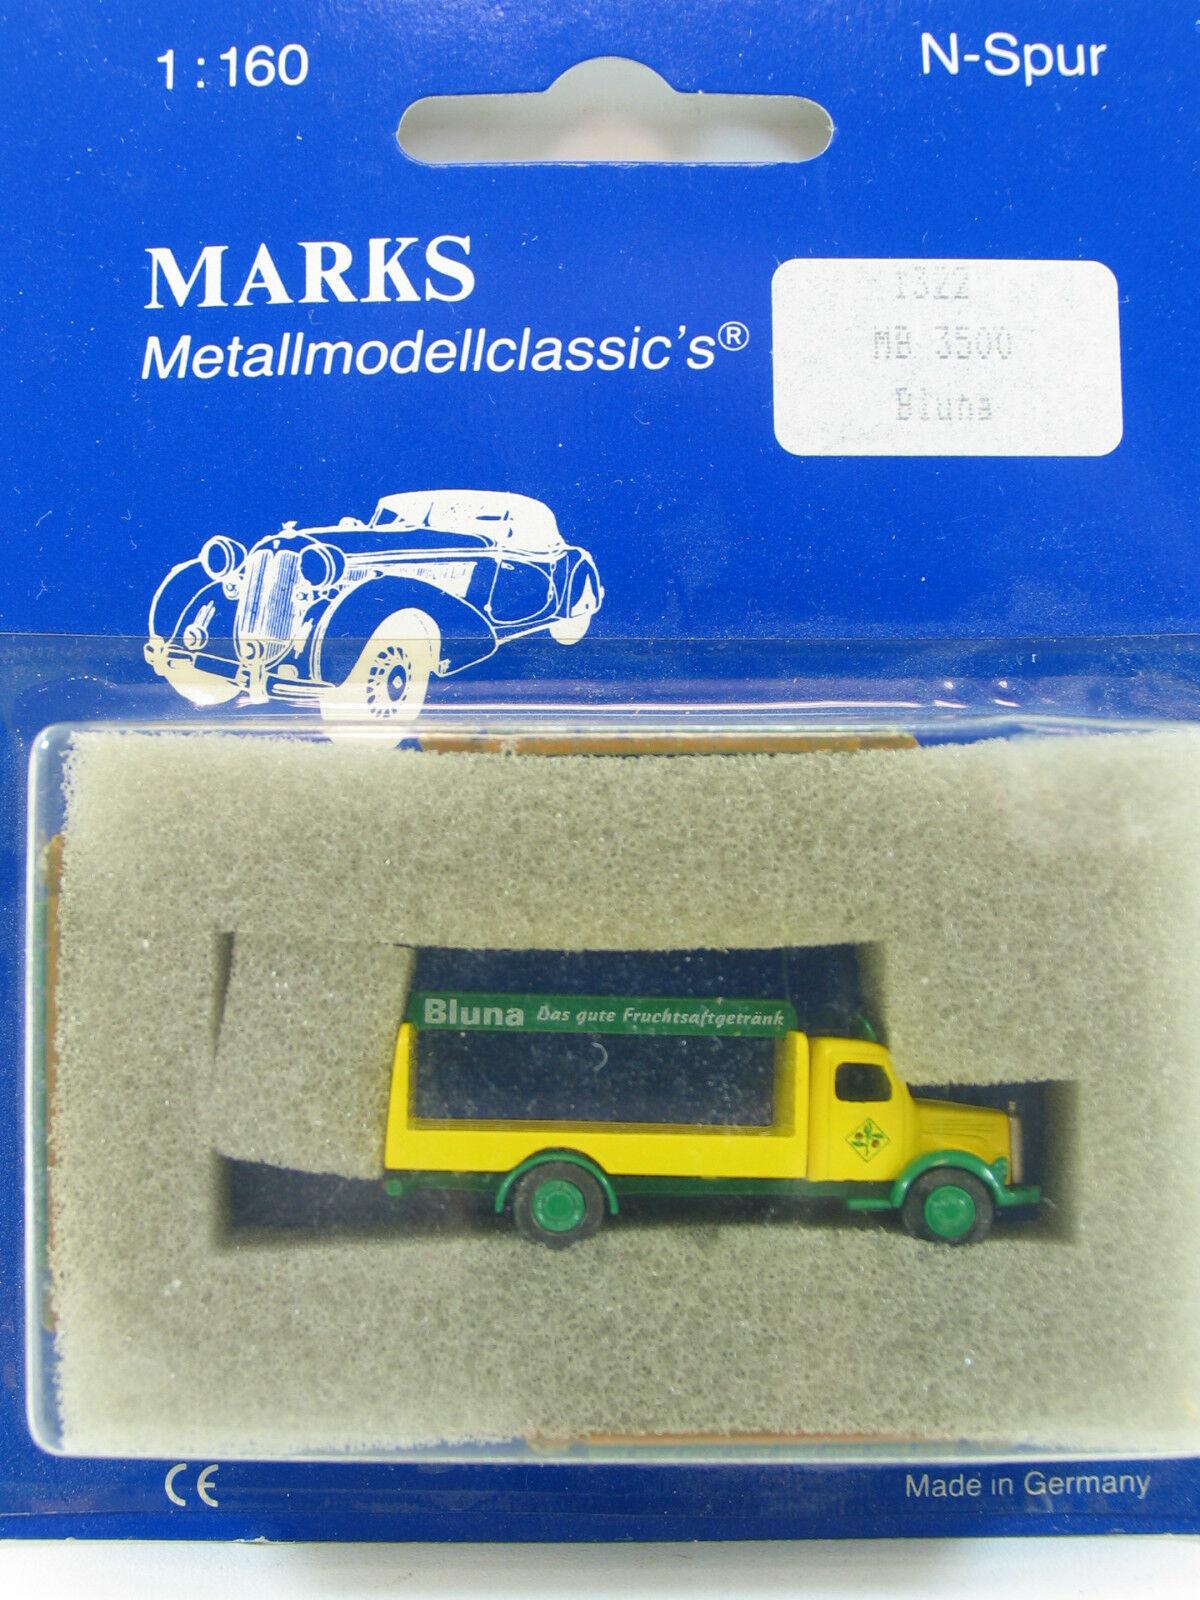 Marks 1322 Mo 3500 bleuna m222